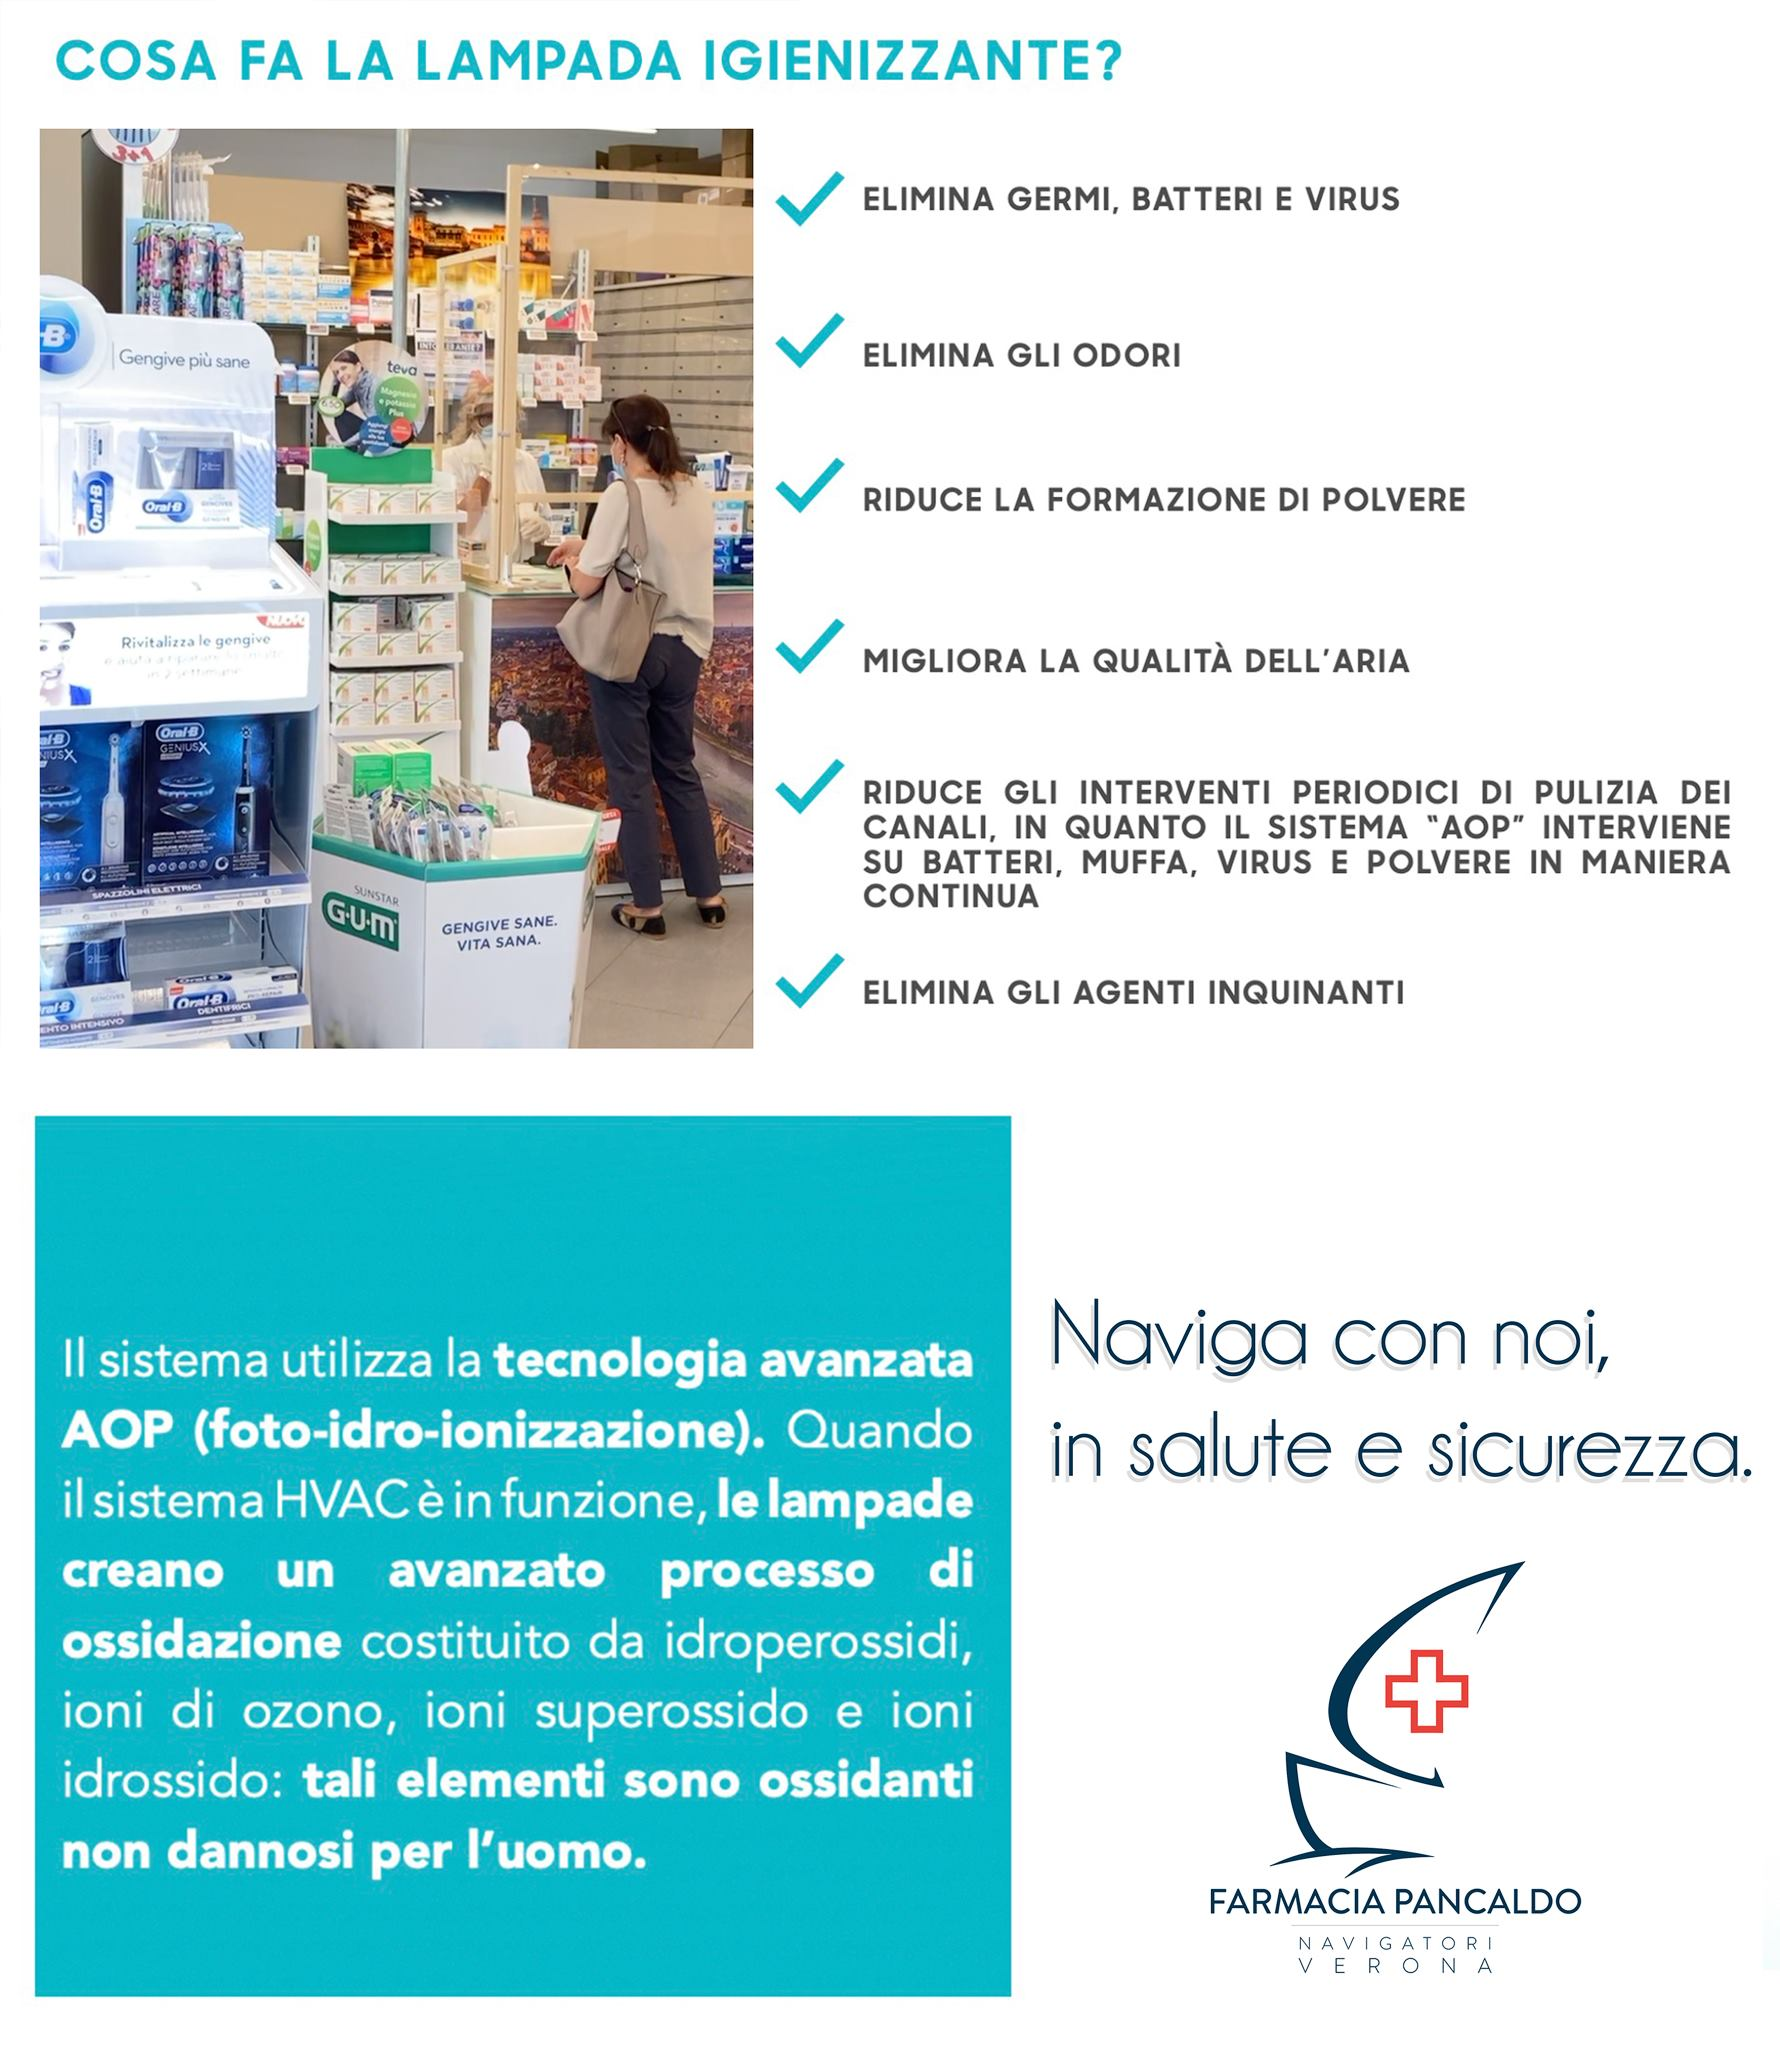 In questa Farmacia l'aria è sanificata da speciali lampade UV.